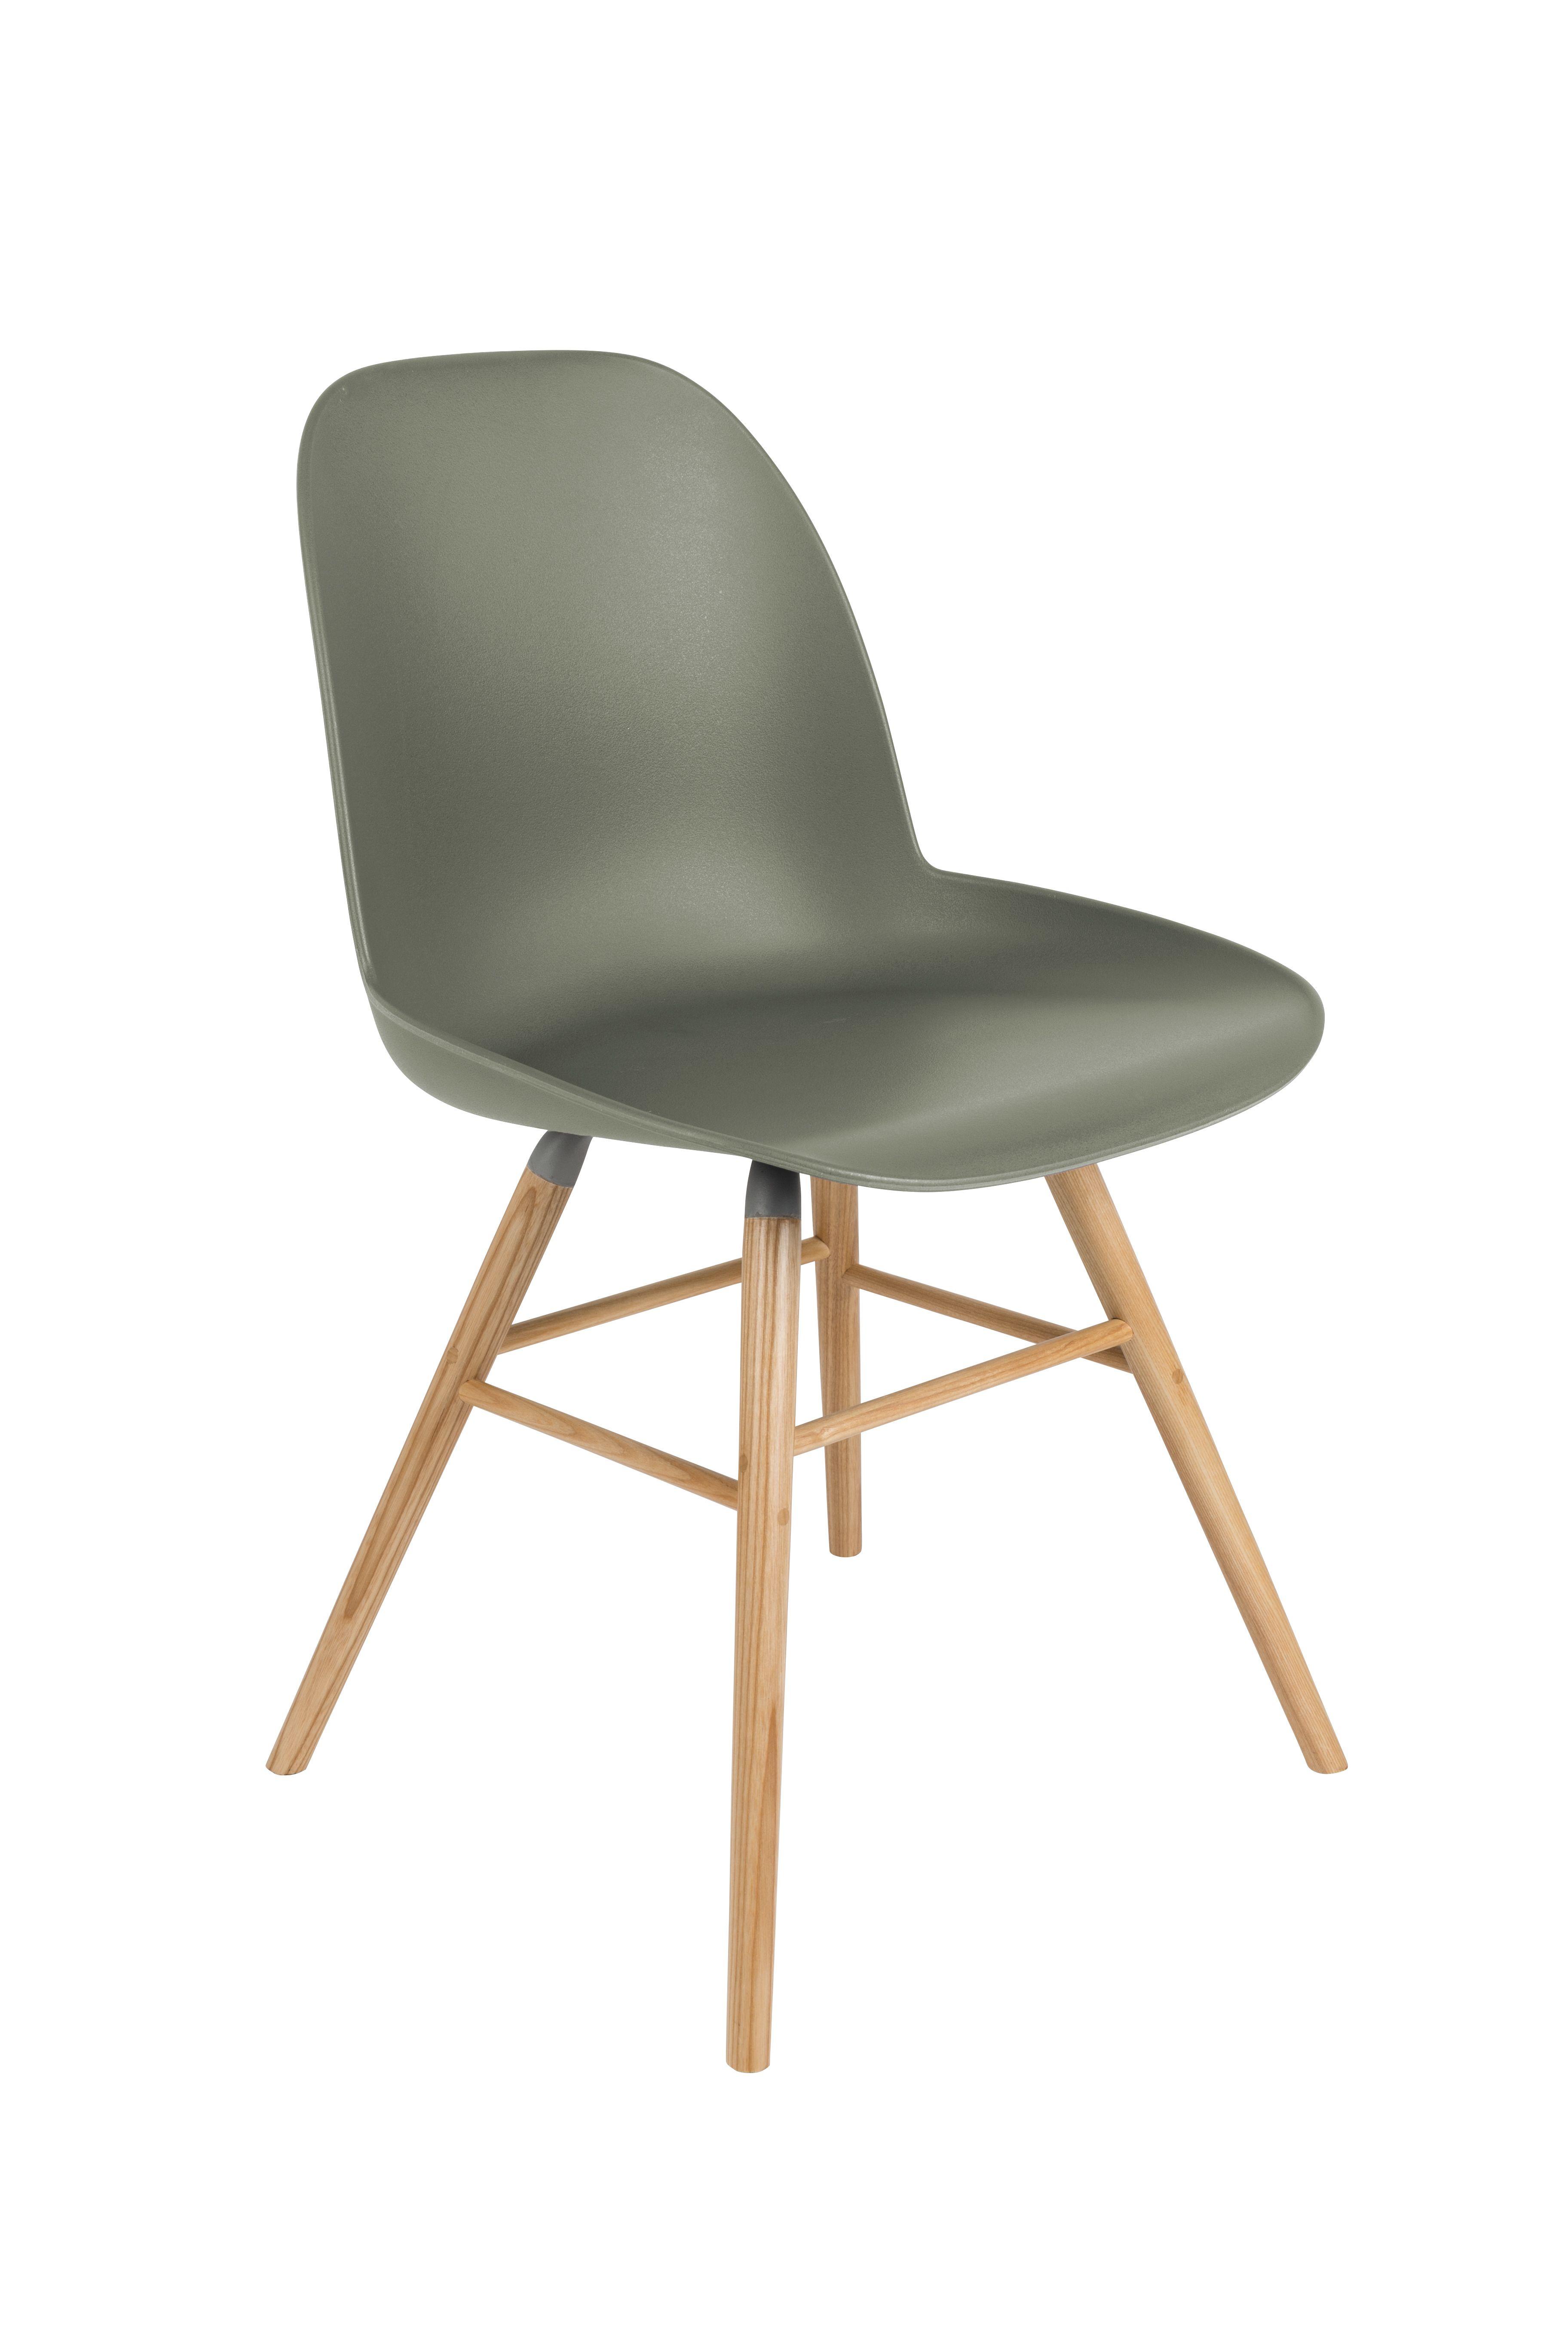 Eettafel Stoelen Kuip.Albert Kuip Chair Chairs Chair Dining Room En Dining Chairs